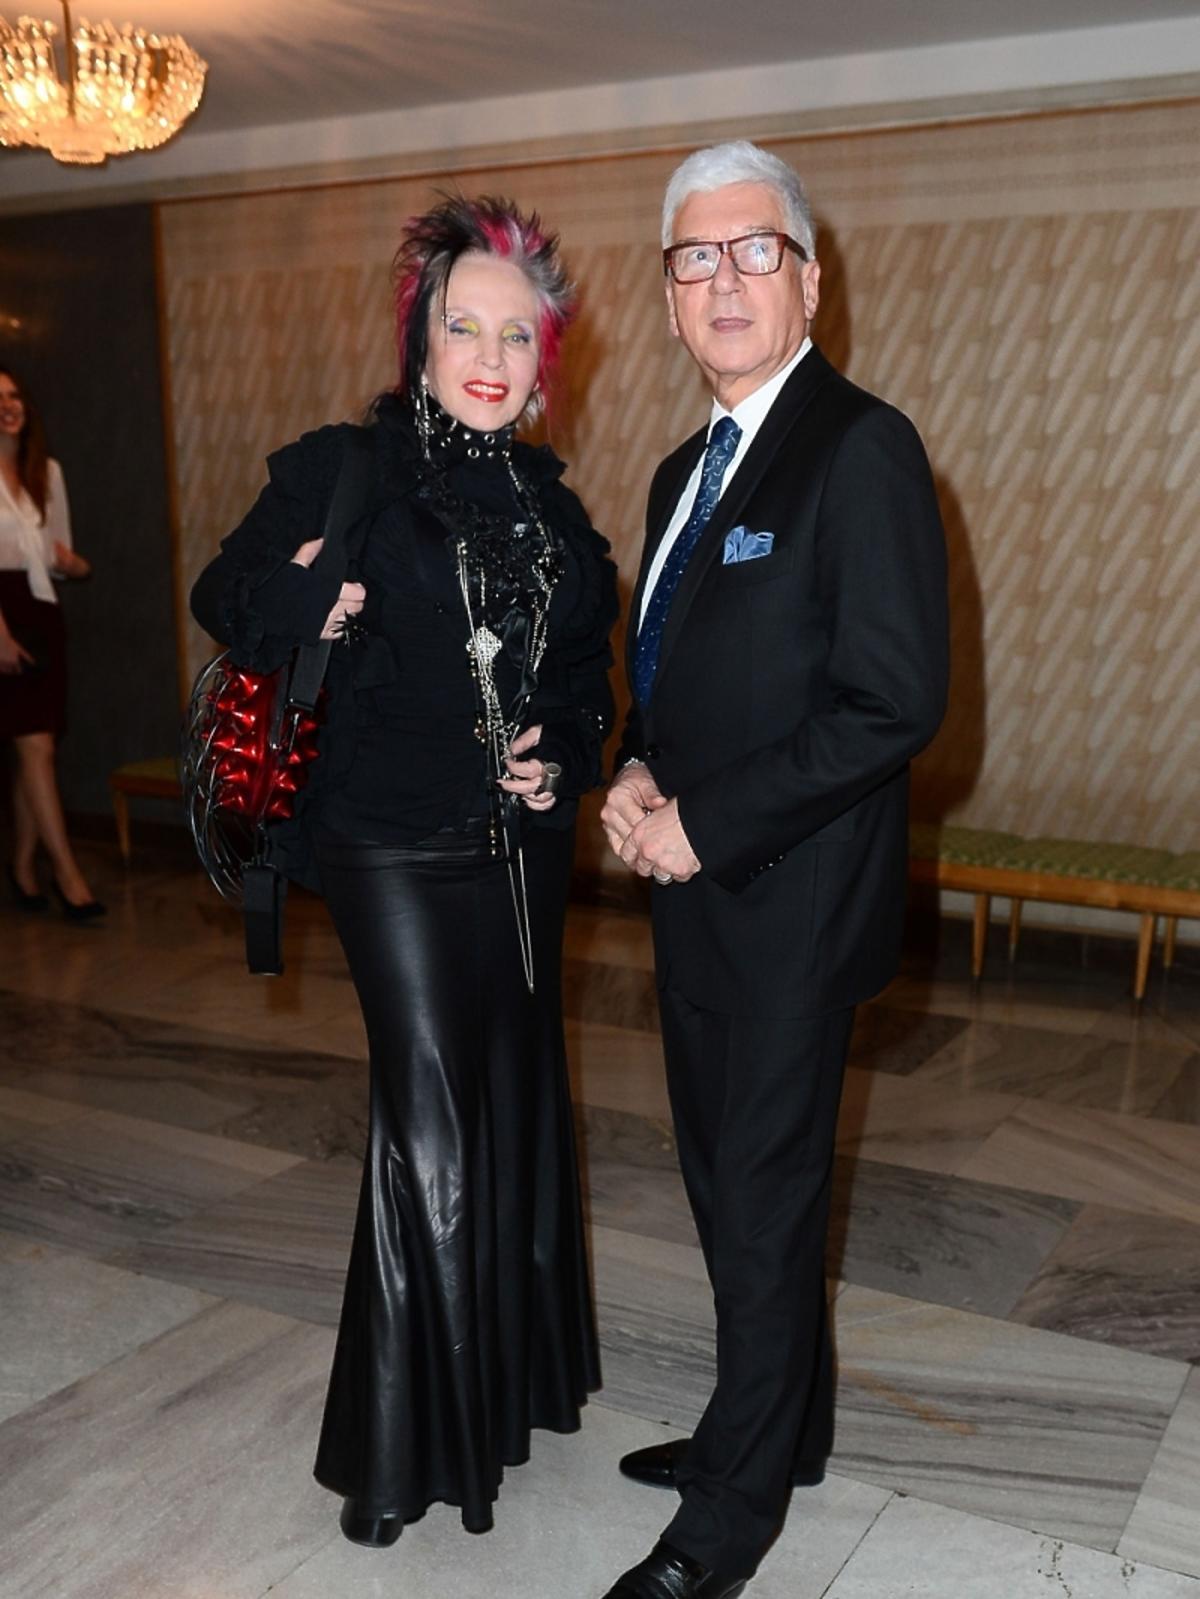 Krystyna Mazurówna i Ryszard Rembiszewski na premierze baletu Casanova w Teatrze Wielkim